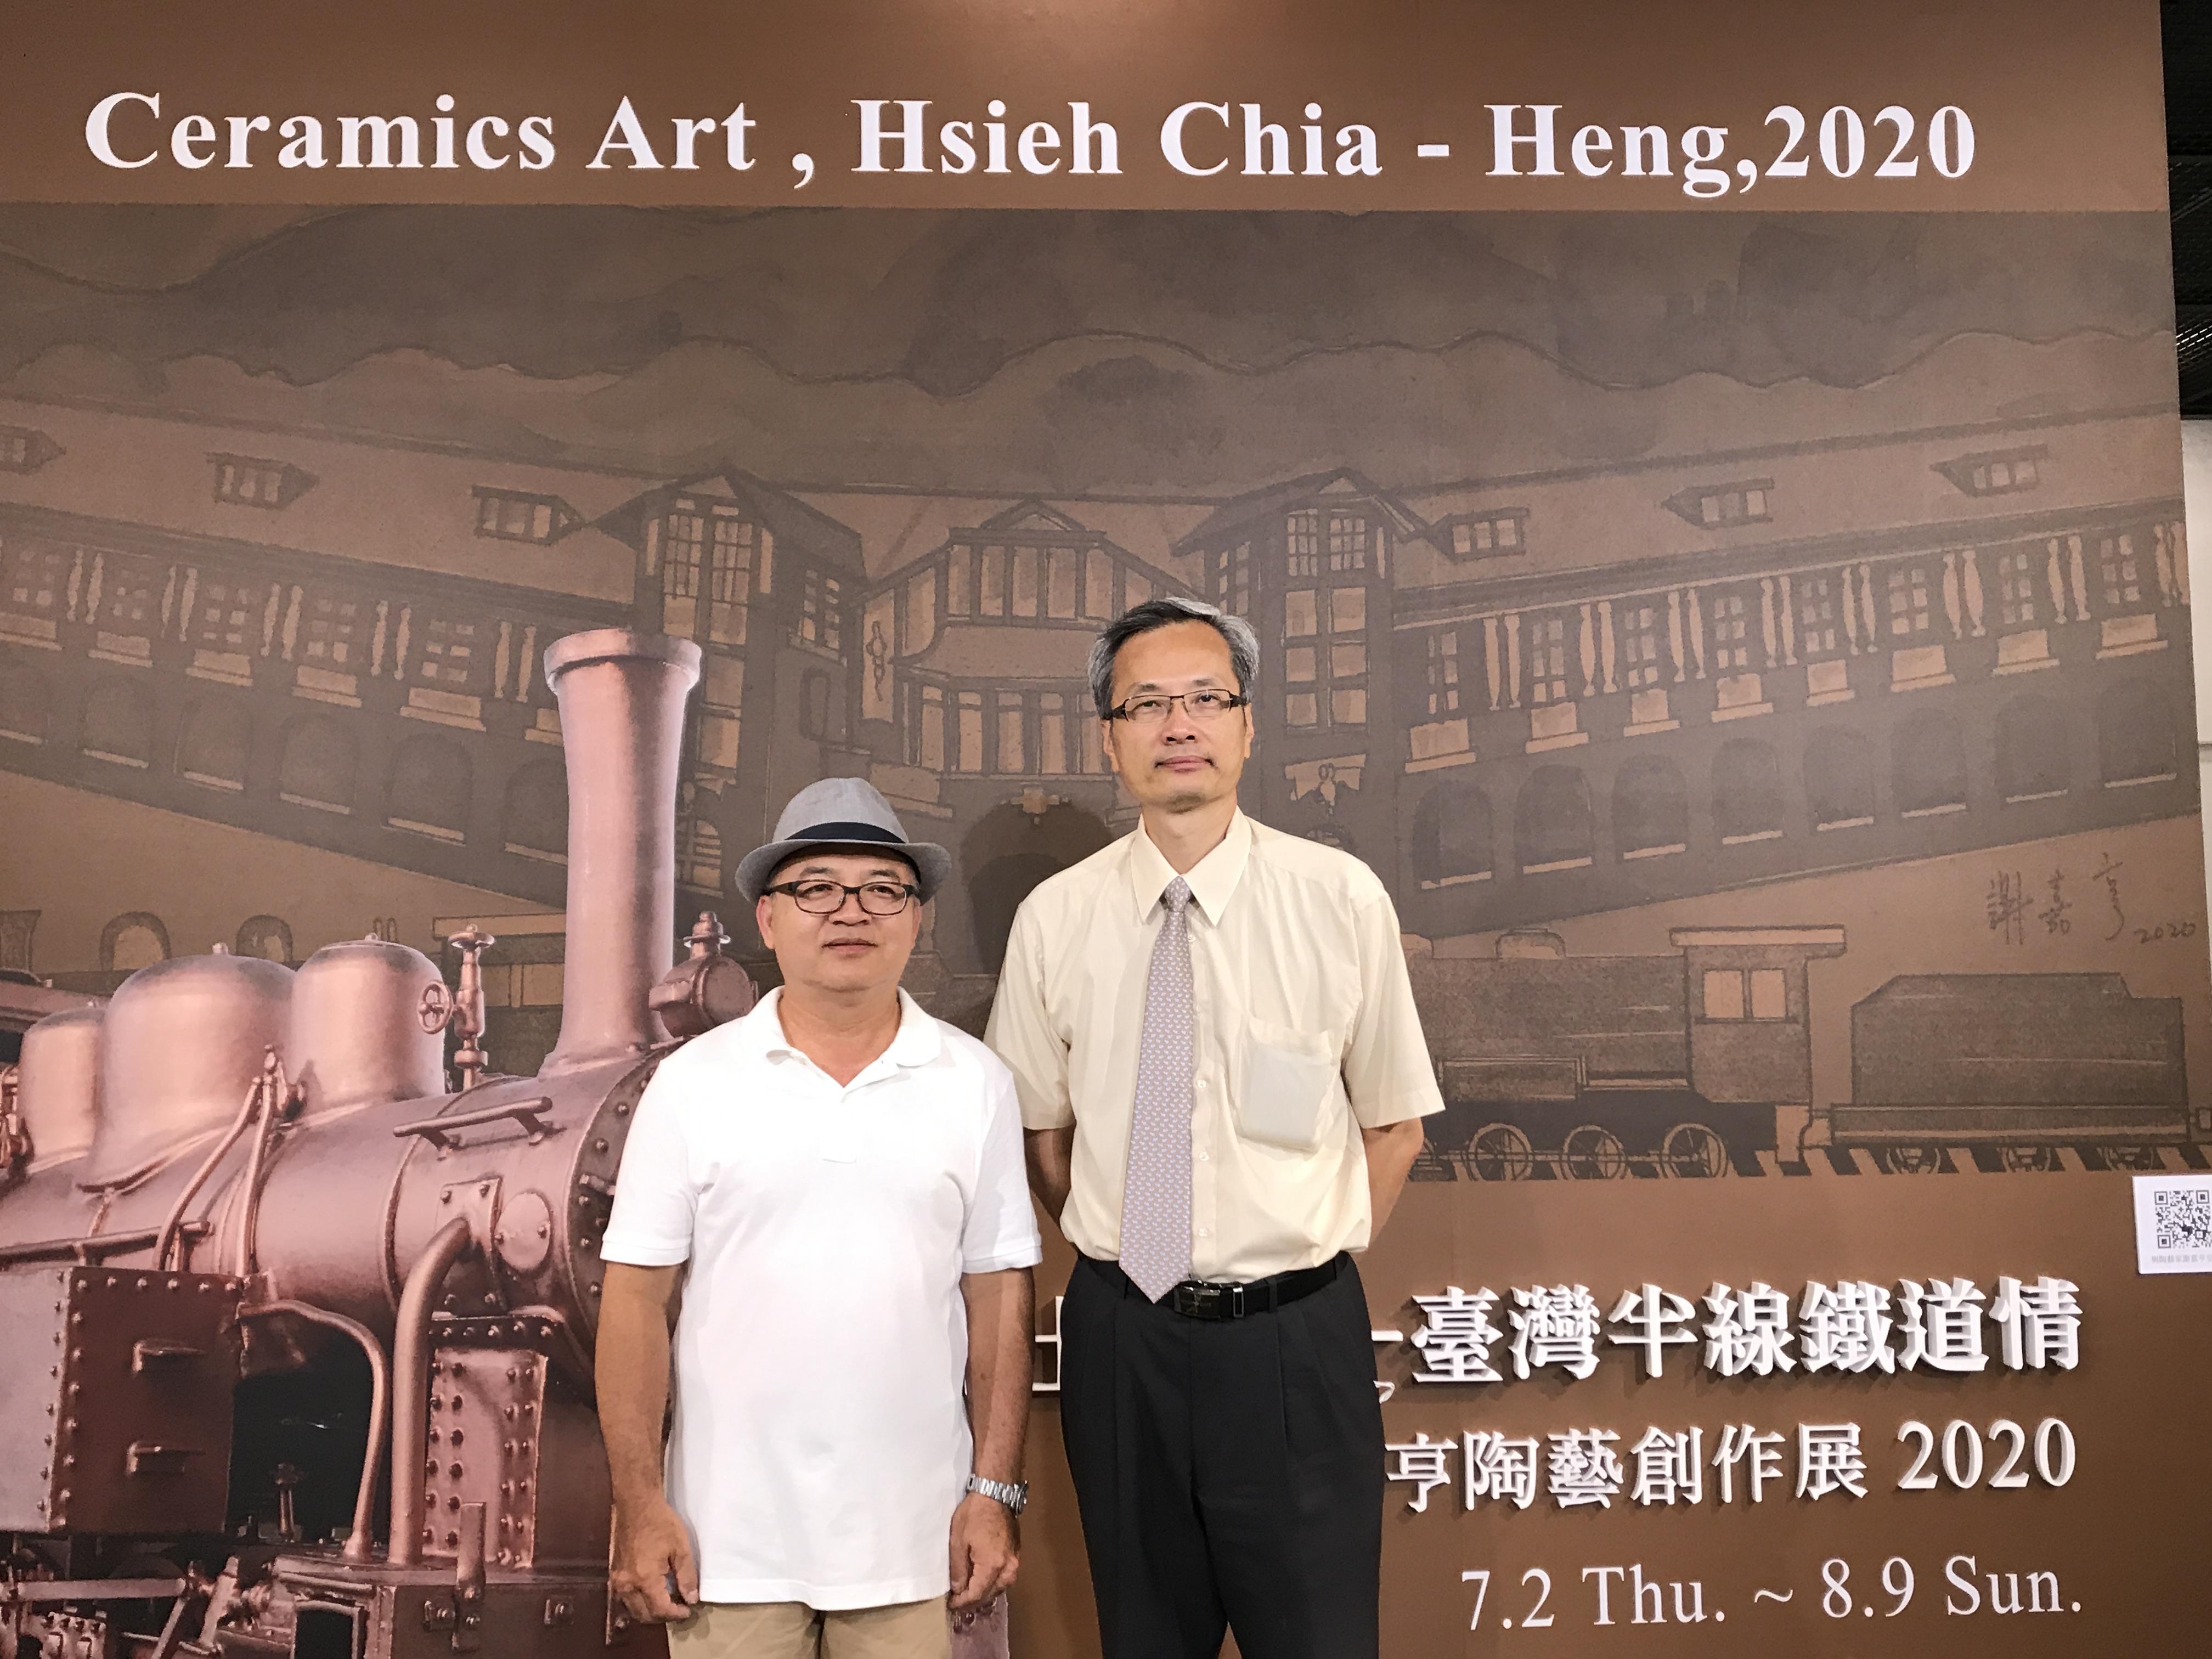 彰美館尹館長(右)與策展人謝嘉亨老師(左).JPG